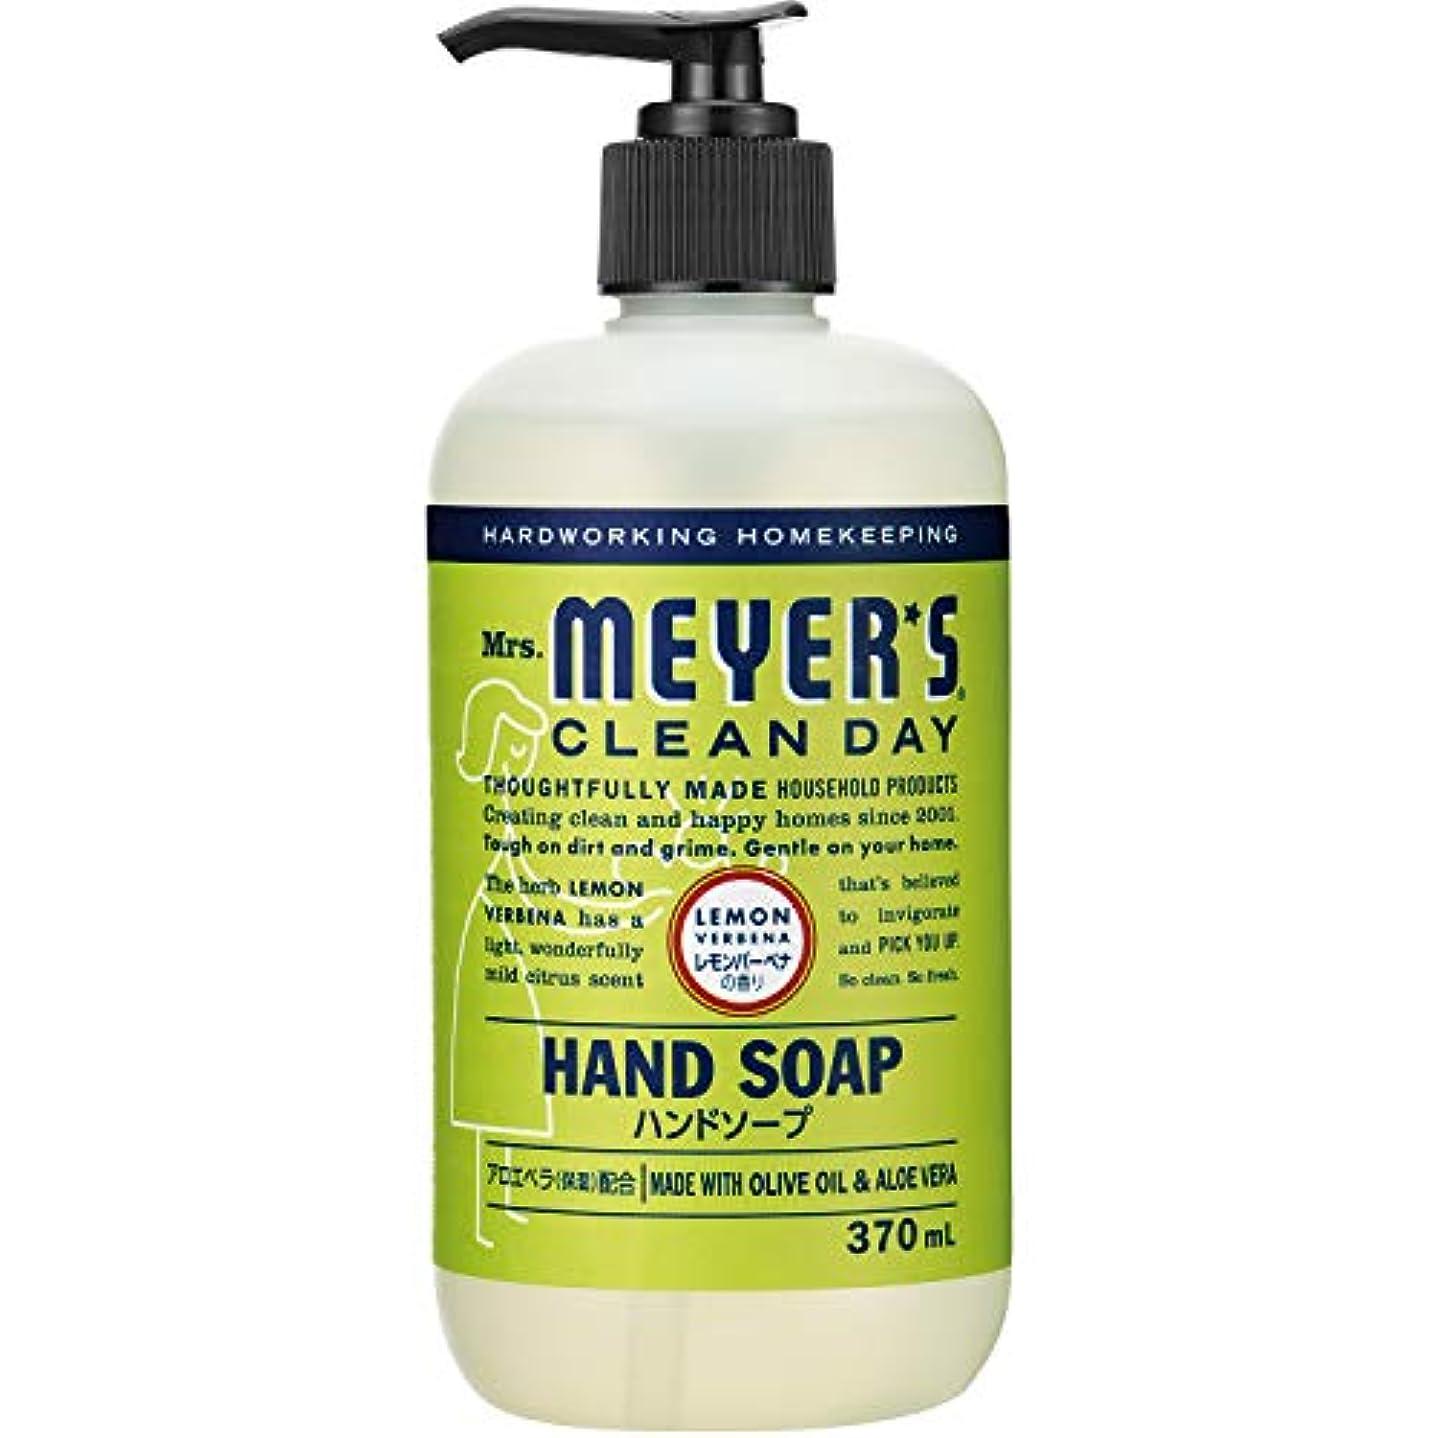 救援前投薬ジャンルMrs. MEYER'S CLEAN DAY(ミセスマイヤーズ クリーンデイ) ミセスマイヤーズ クリーンデイ(Mrs.Meyers Clean Day) ハンドソープ レモンバーベナの香り 370ml